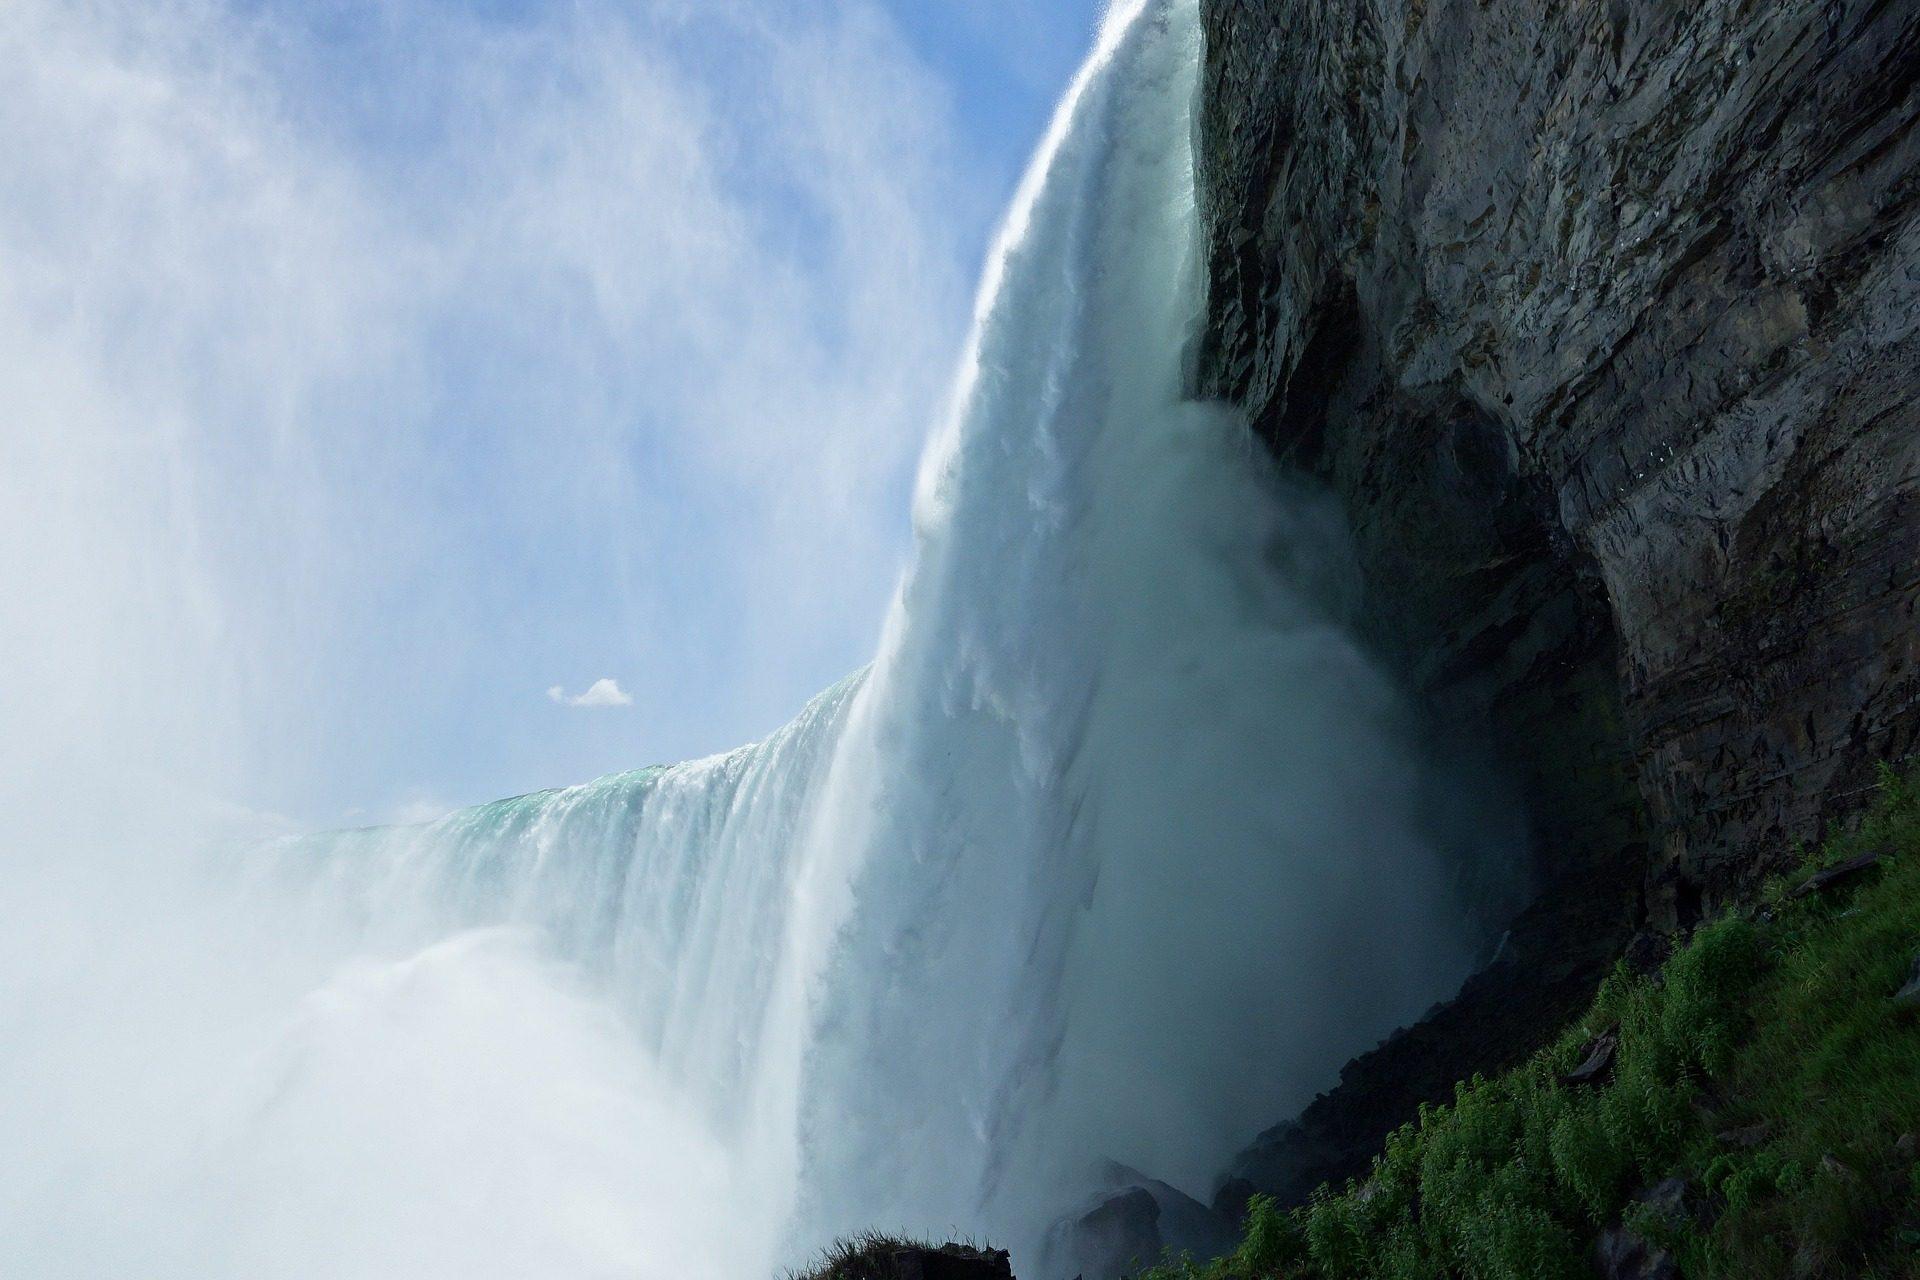 cataratas, niagara, cascada, agua, ontario, canadá - Fondos de Pantalla HD - professor-falken.com